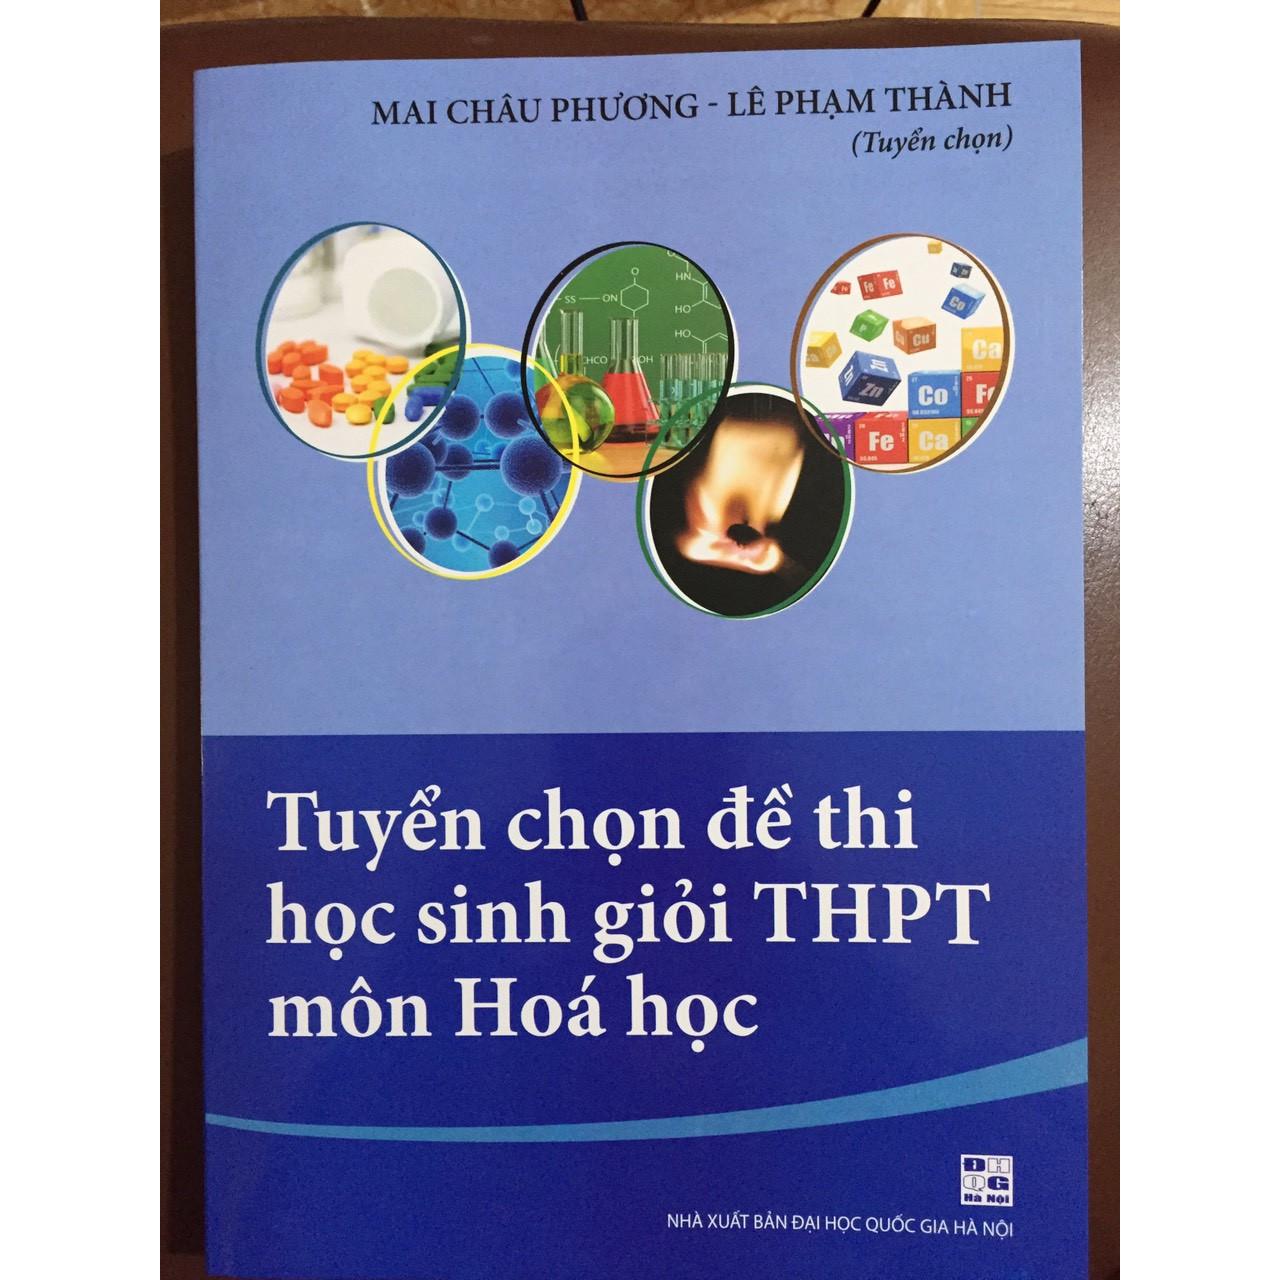 Tuyển chọn đề thi học sinh giỏi THPT môn hóa học